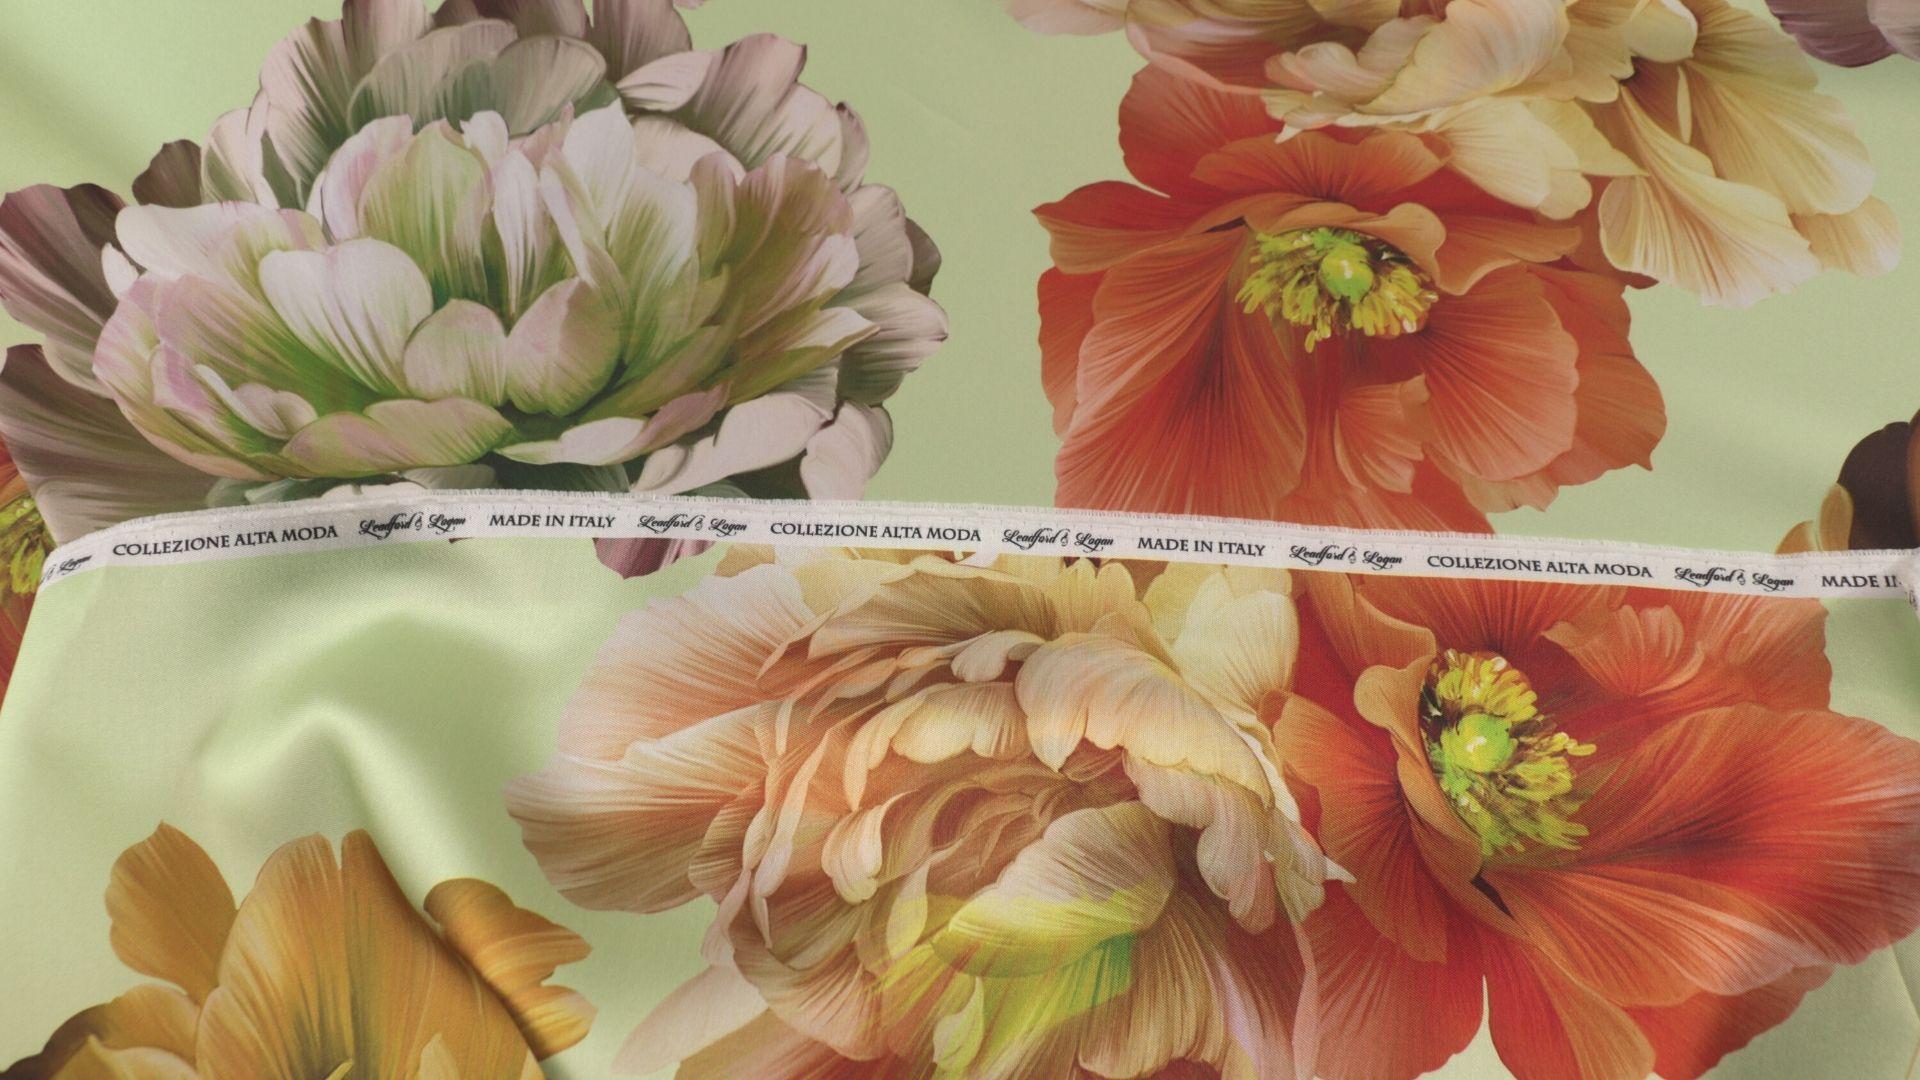 il particolare del tessuto valencian disegno 802, appartenente alla categoria stampe-poliestere-fibremiste, di Leadford & Logan